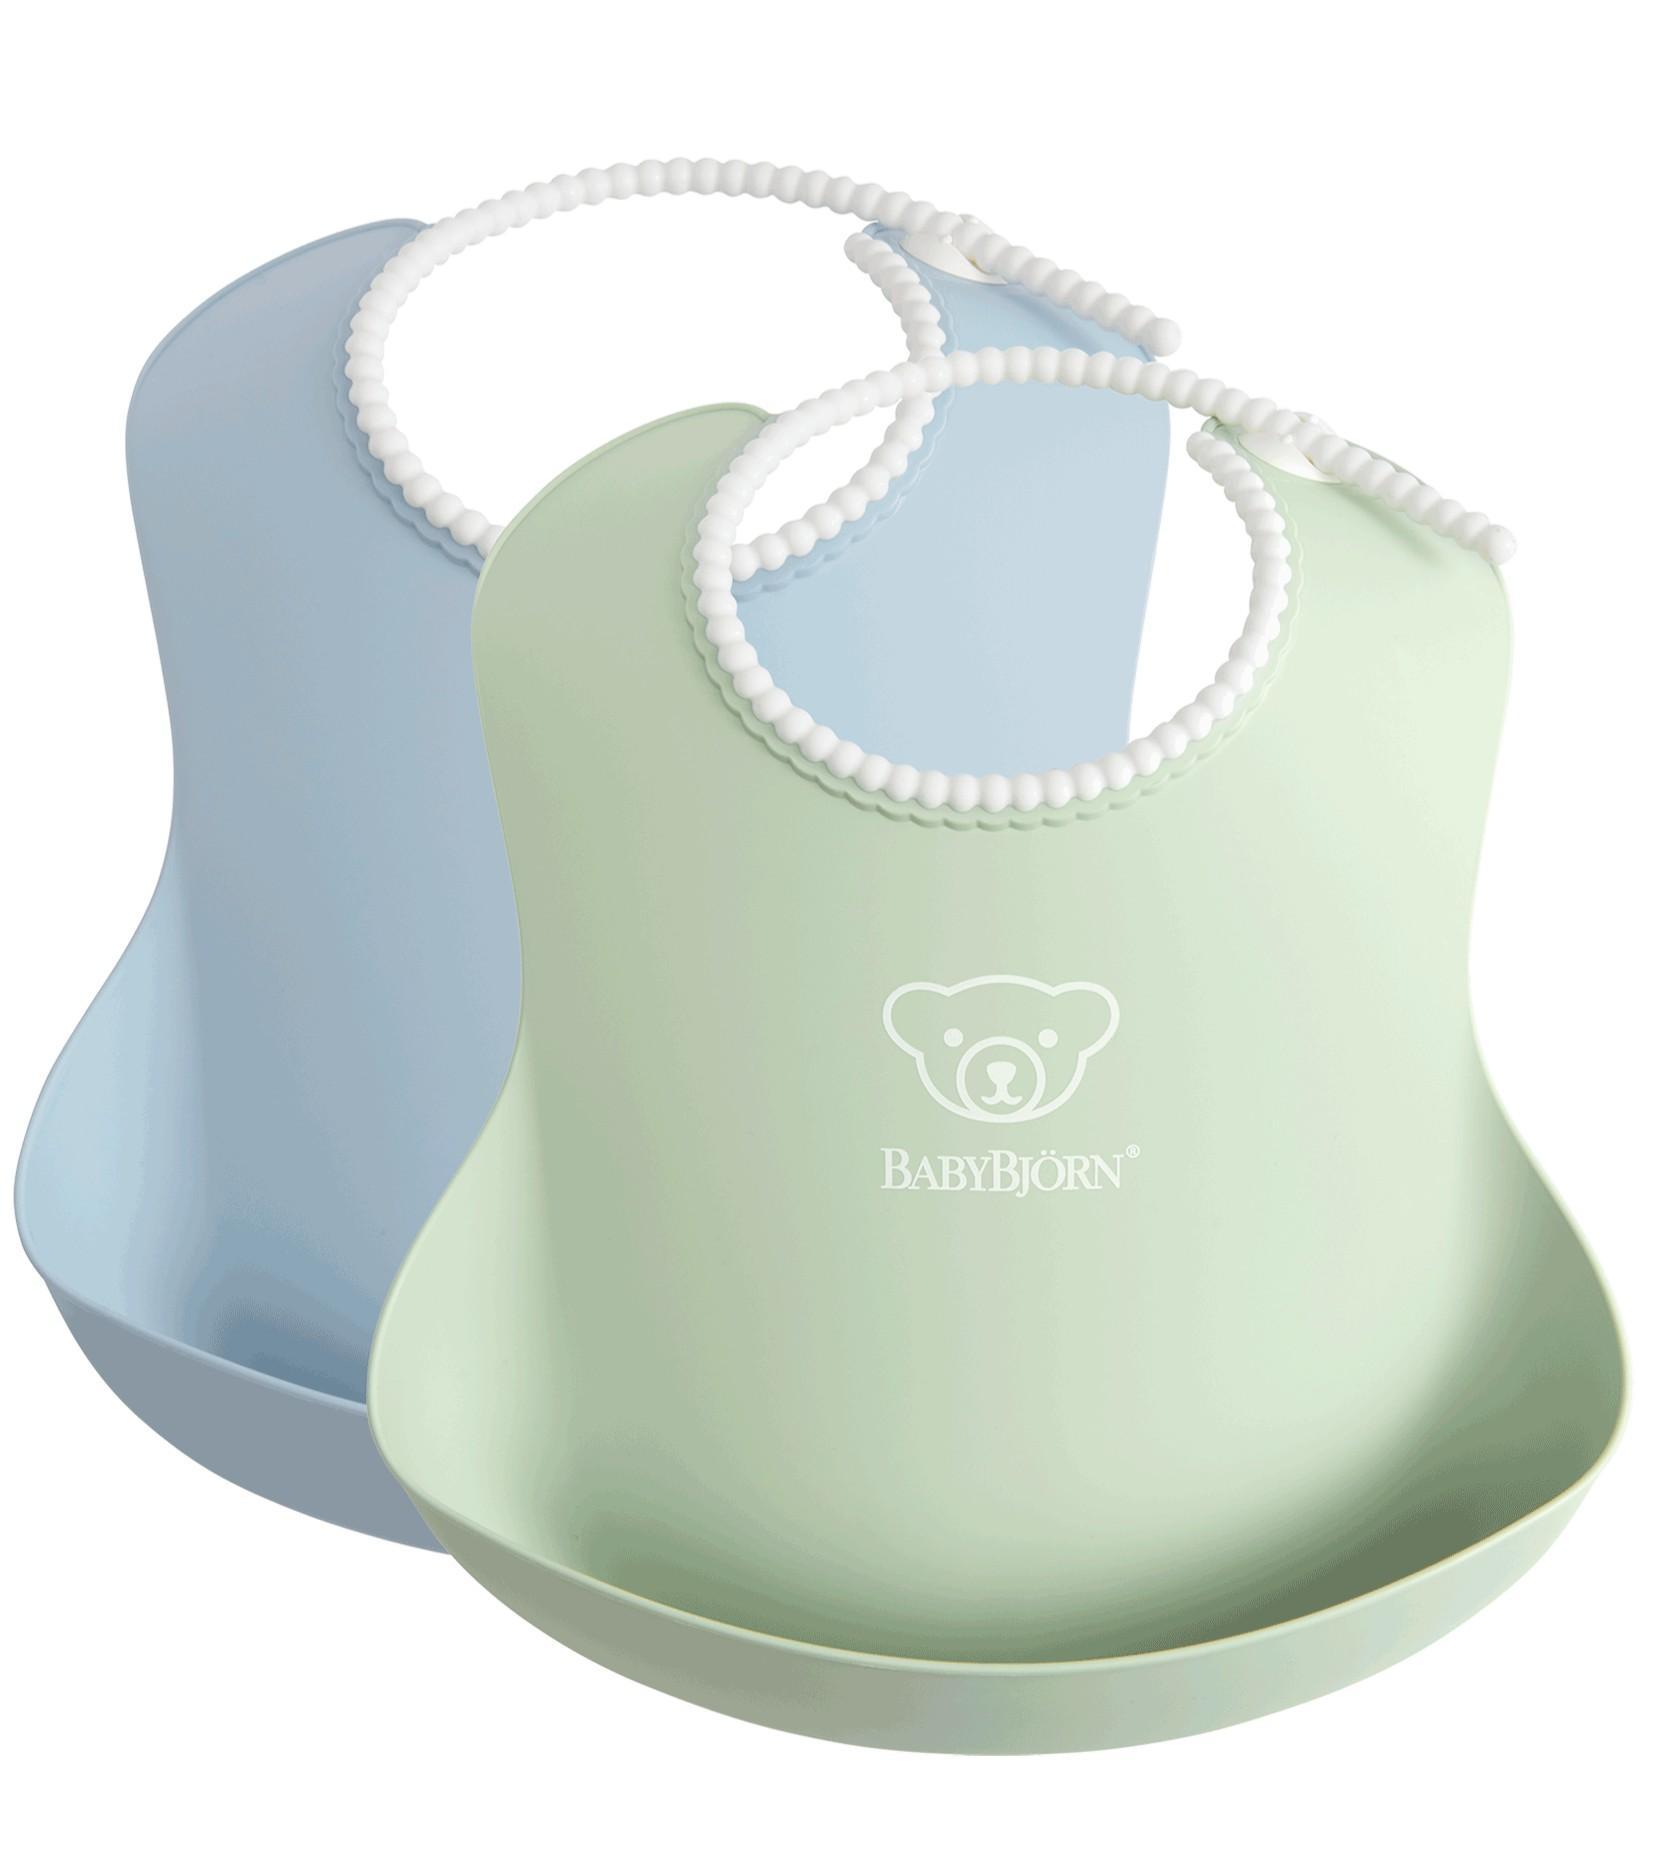 Babybjorn - Baby Slab duopack Pastelgroen Pastelblauw